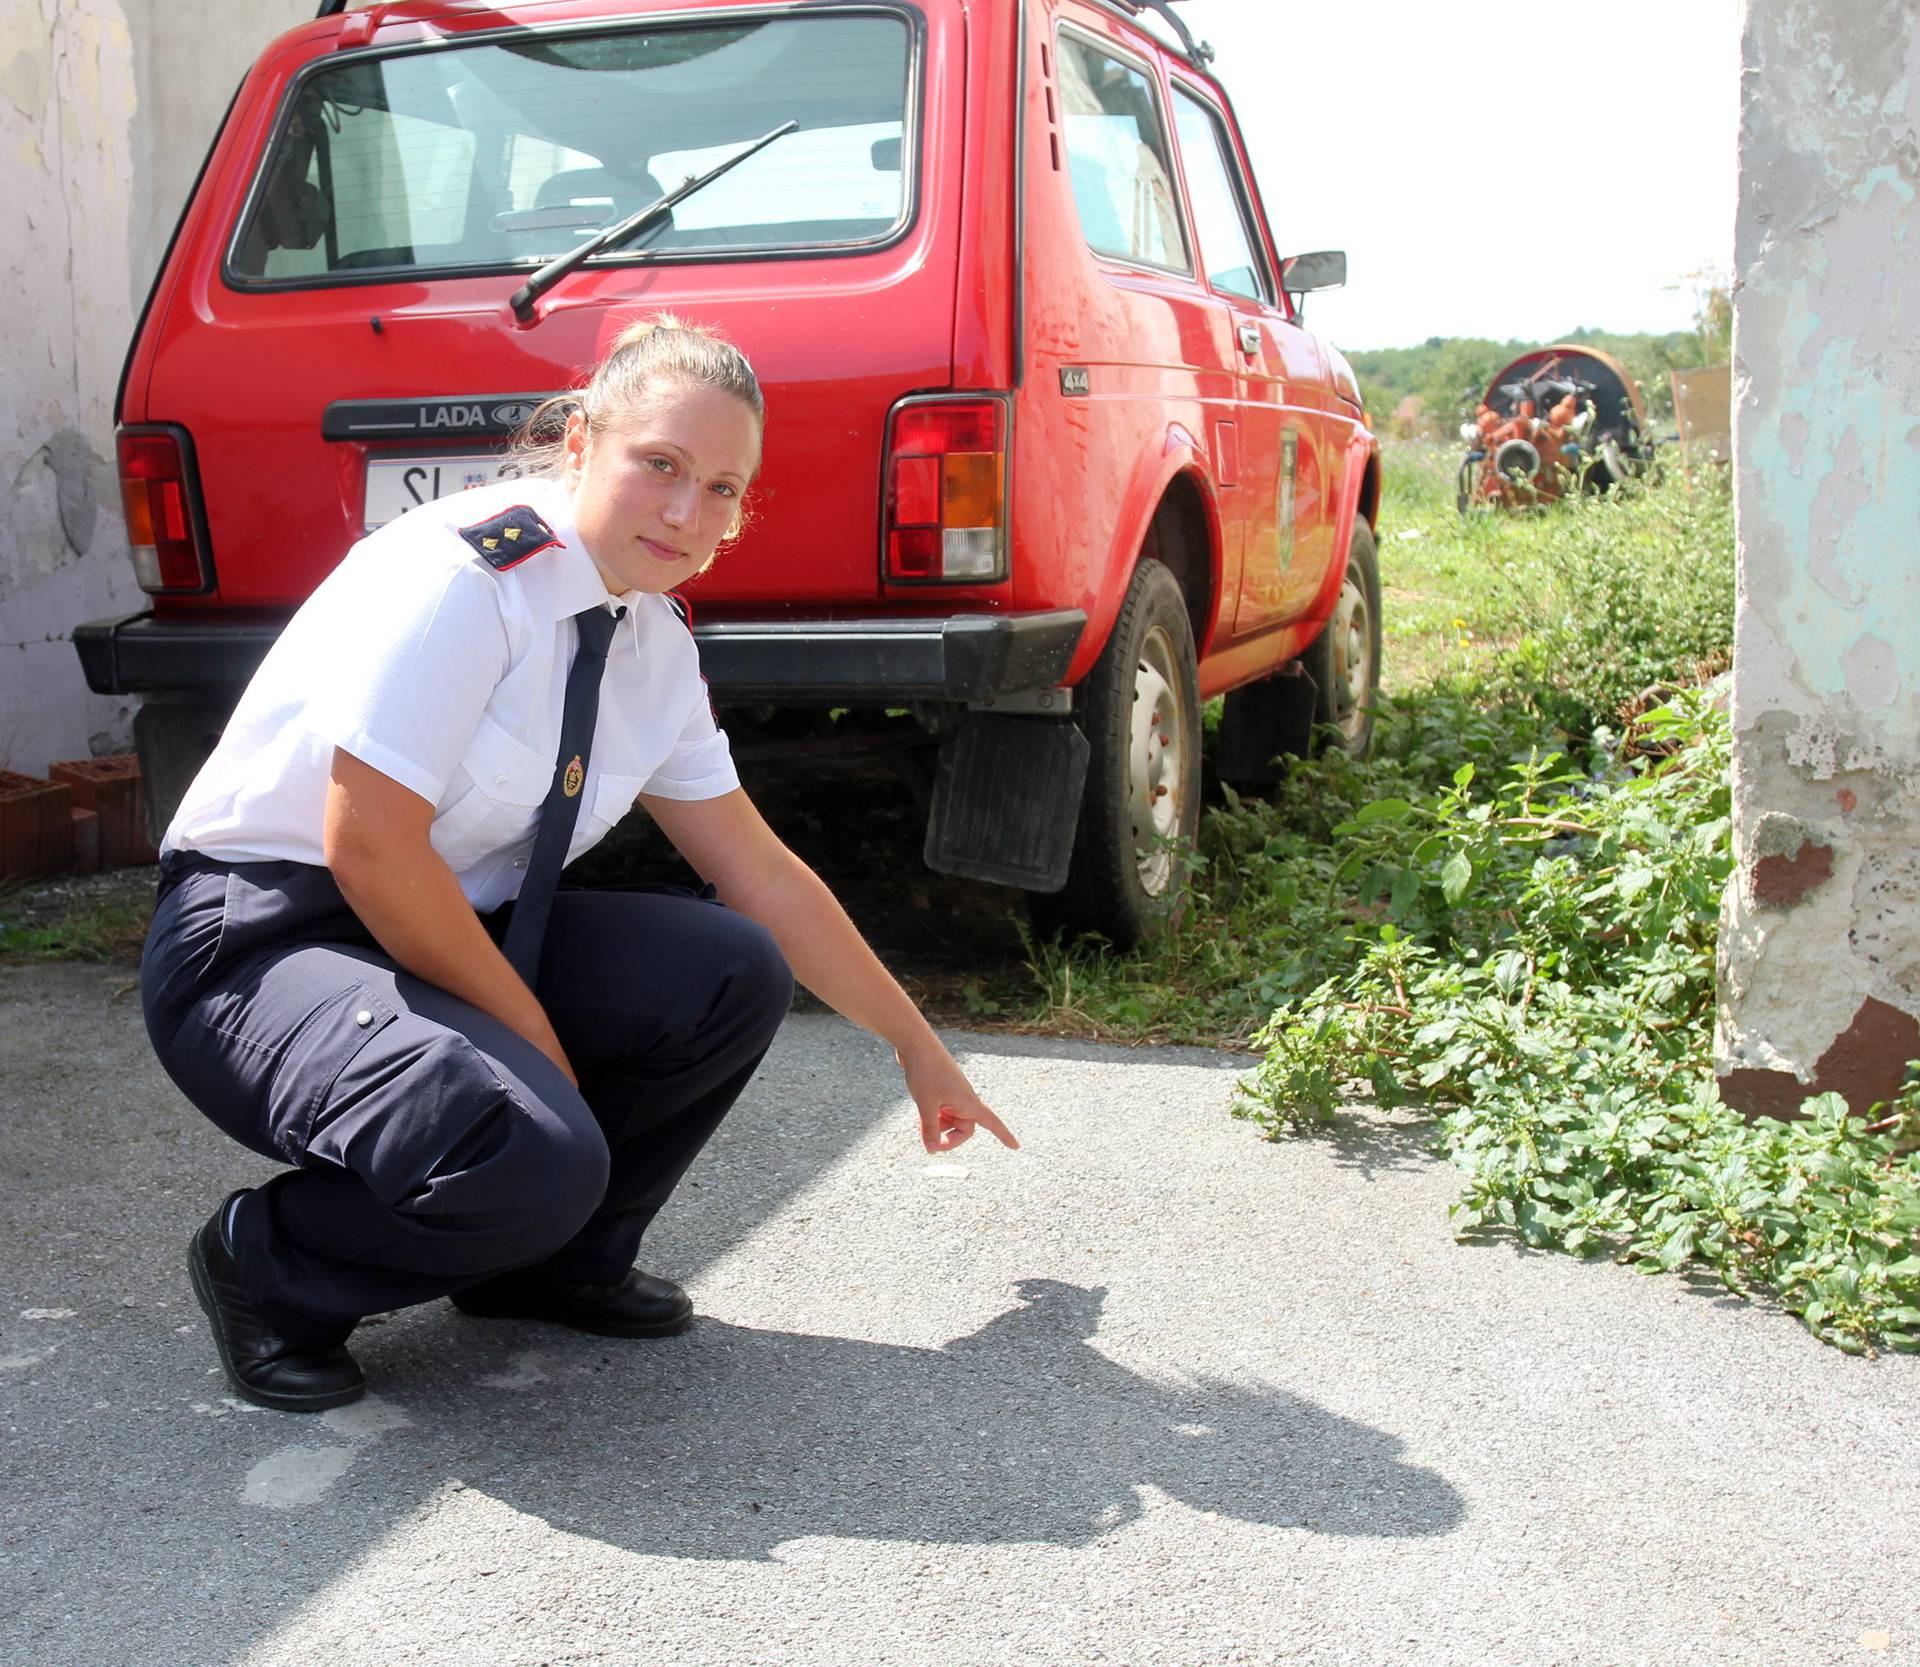 Samo da ne eksplodira: Žive s granatom u dvorištu 26 godina